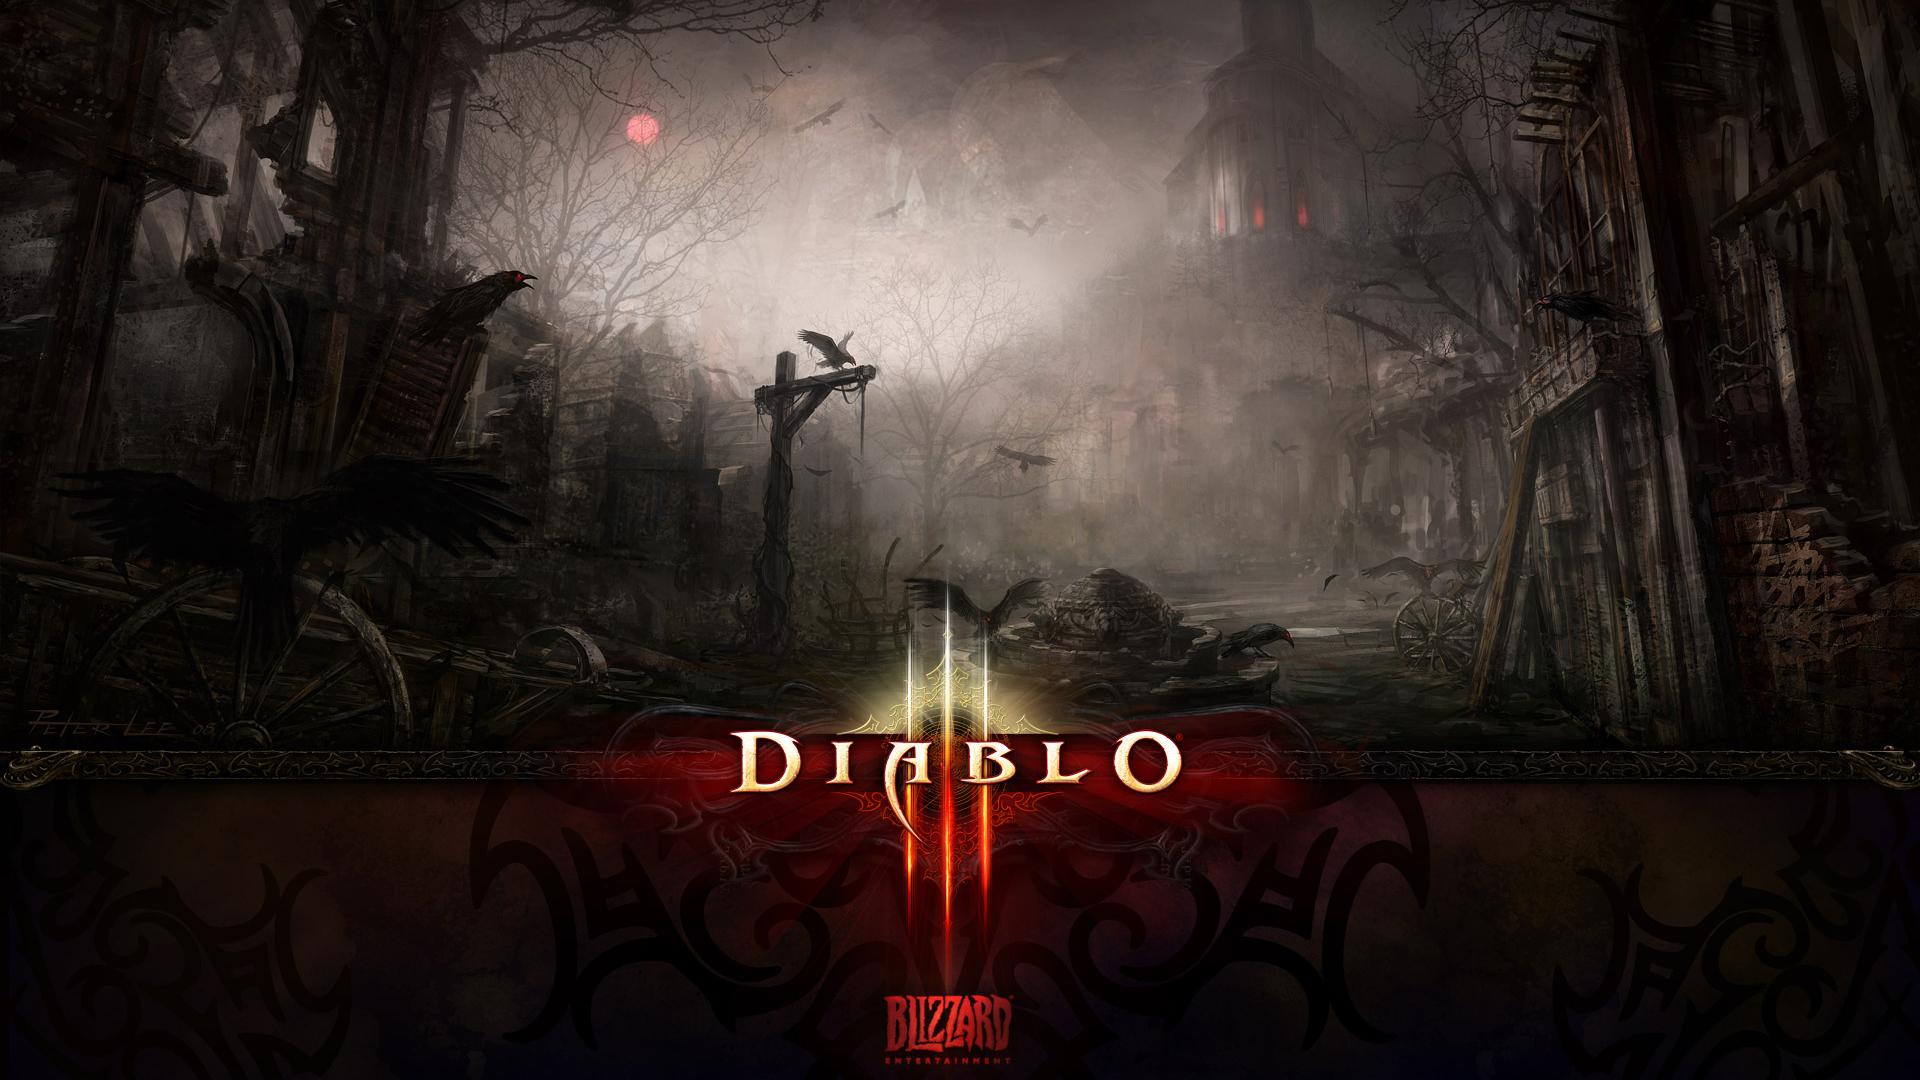 Diablo III Wallpapers in HD 1920x1080